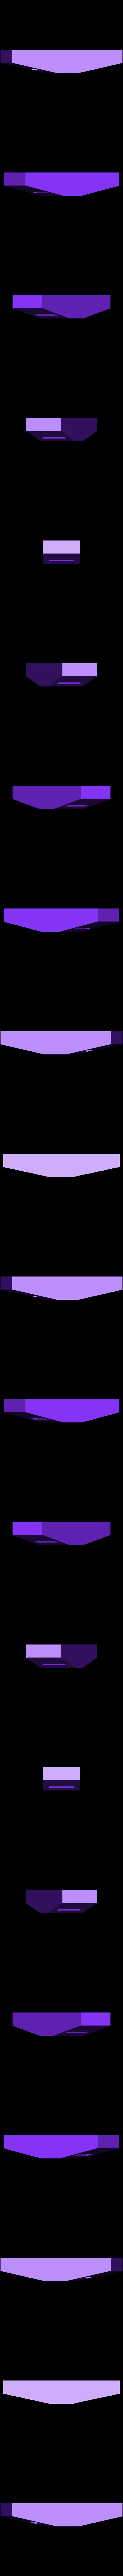 gt2_clip_v2.stl Télécharger fichier STL gratuit Tough Belt Clip • Design imprimable en 3D, MGX